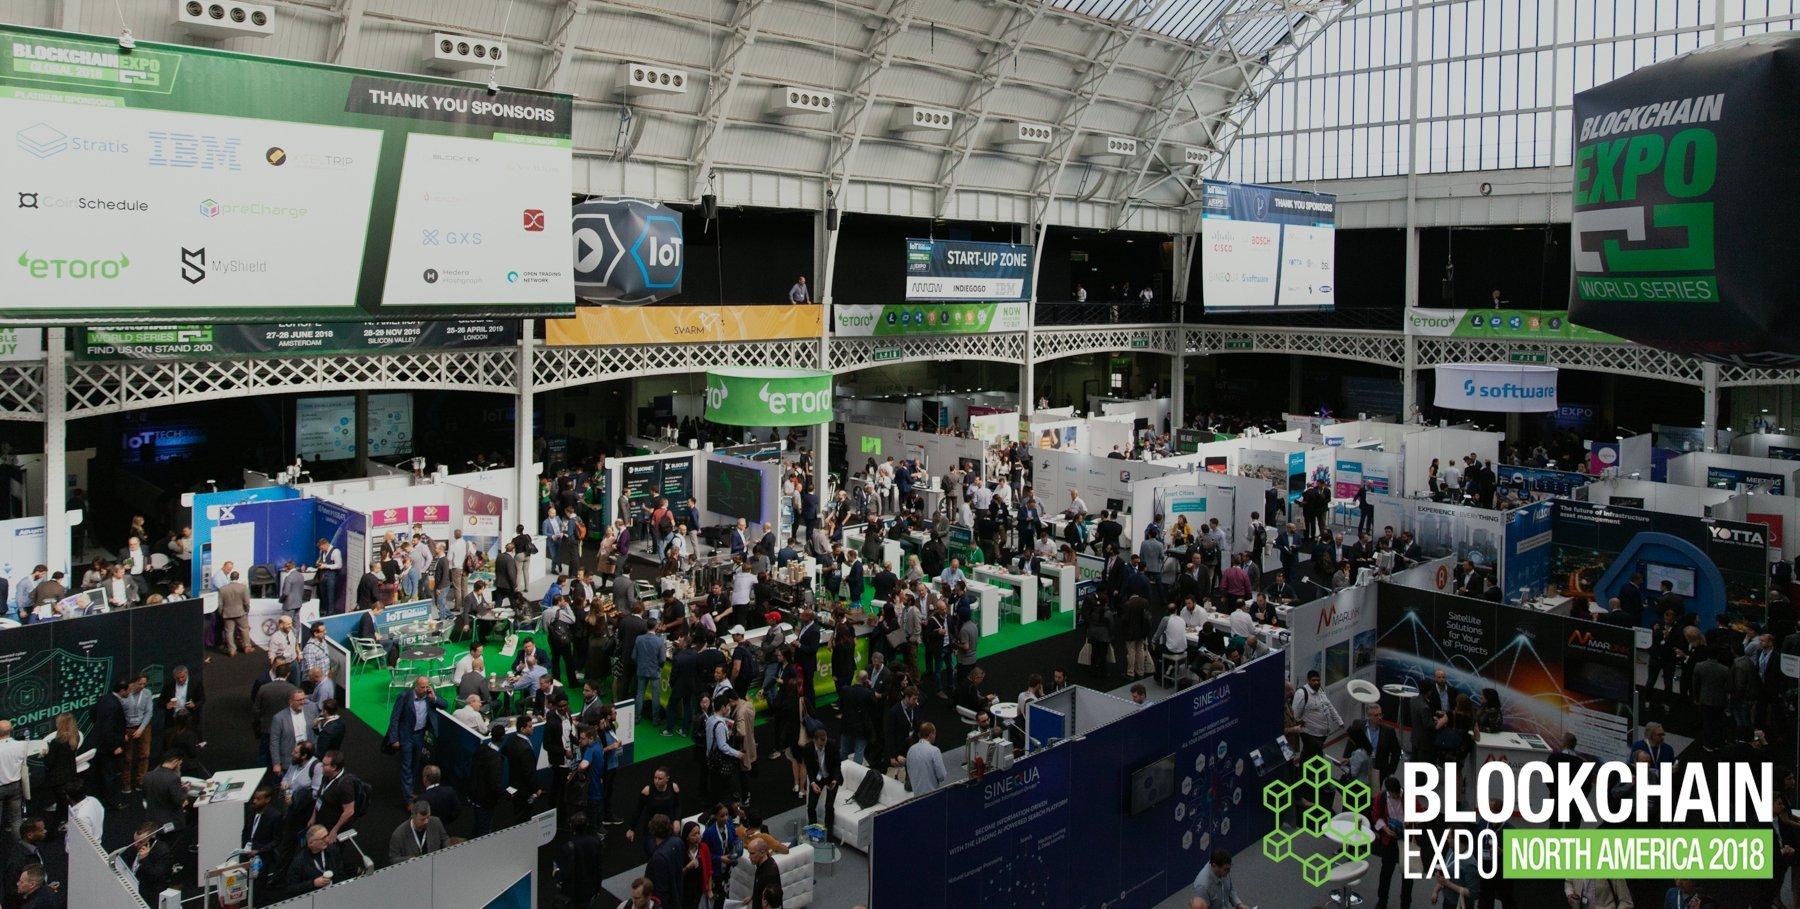 Blockchain Conference & Exhibition | Blockchain Expo North